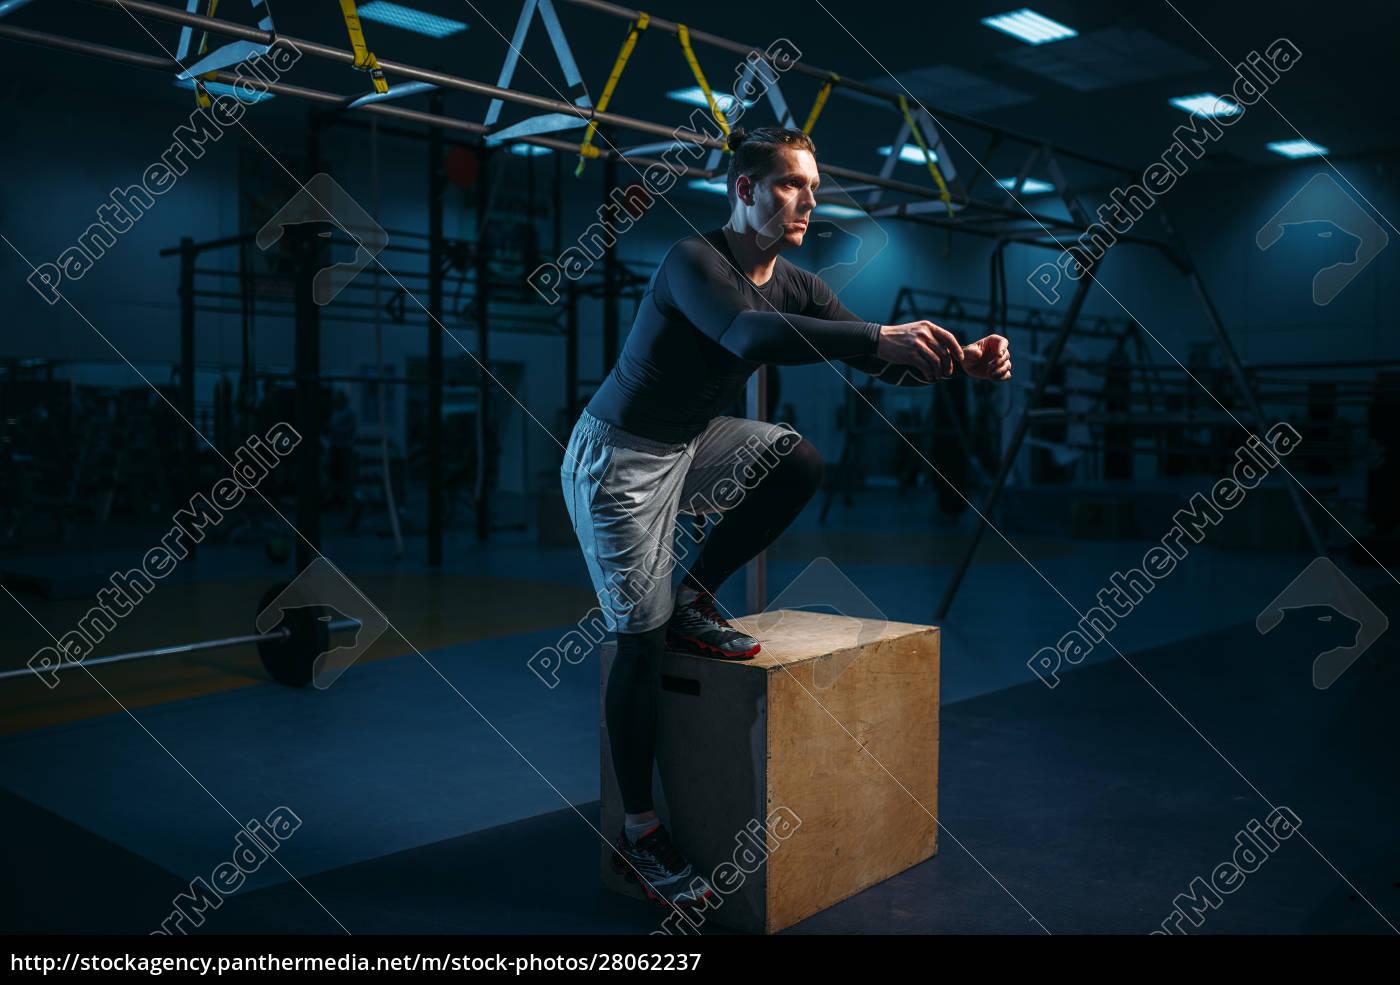 athlete, on, training, , endurance, exercise, with - 28062237